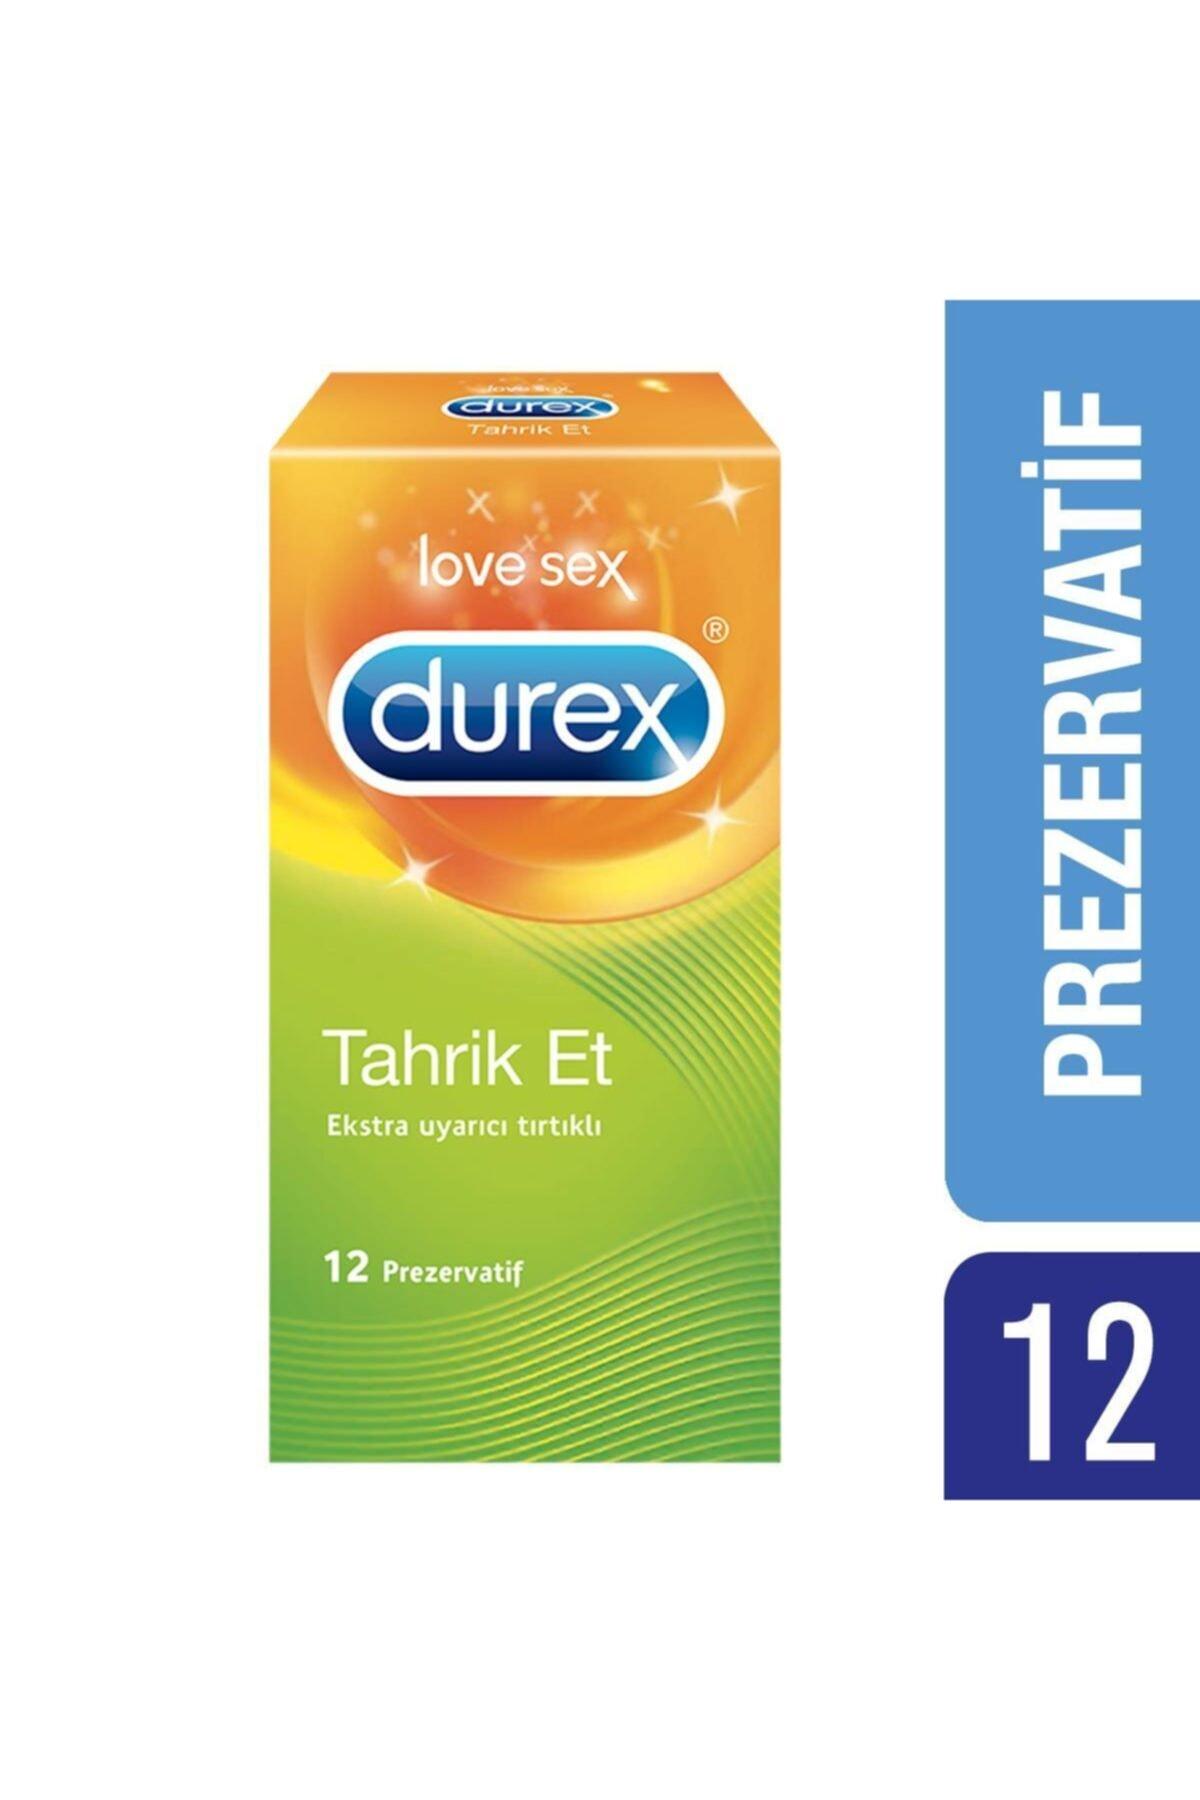 Durex Tahrik Et Tırtıklı Prezervatif, 12'li 1